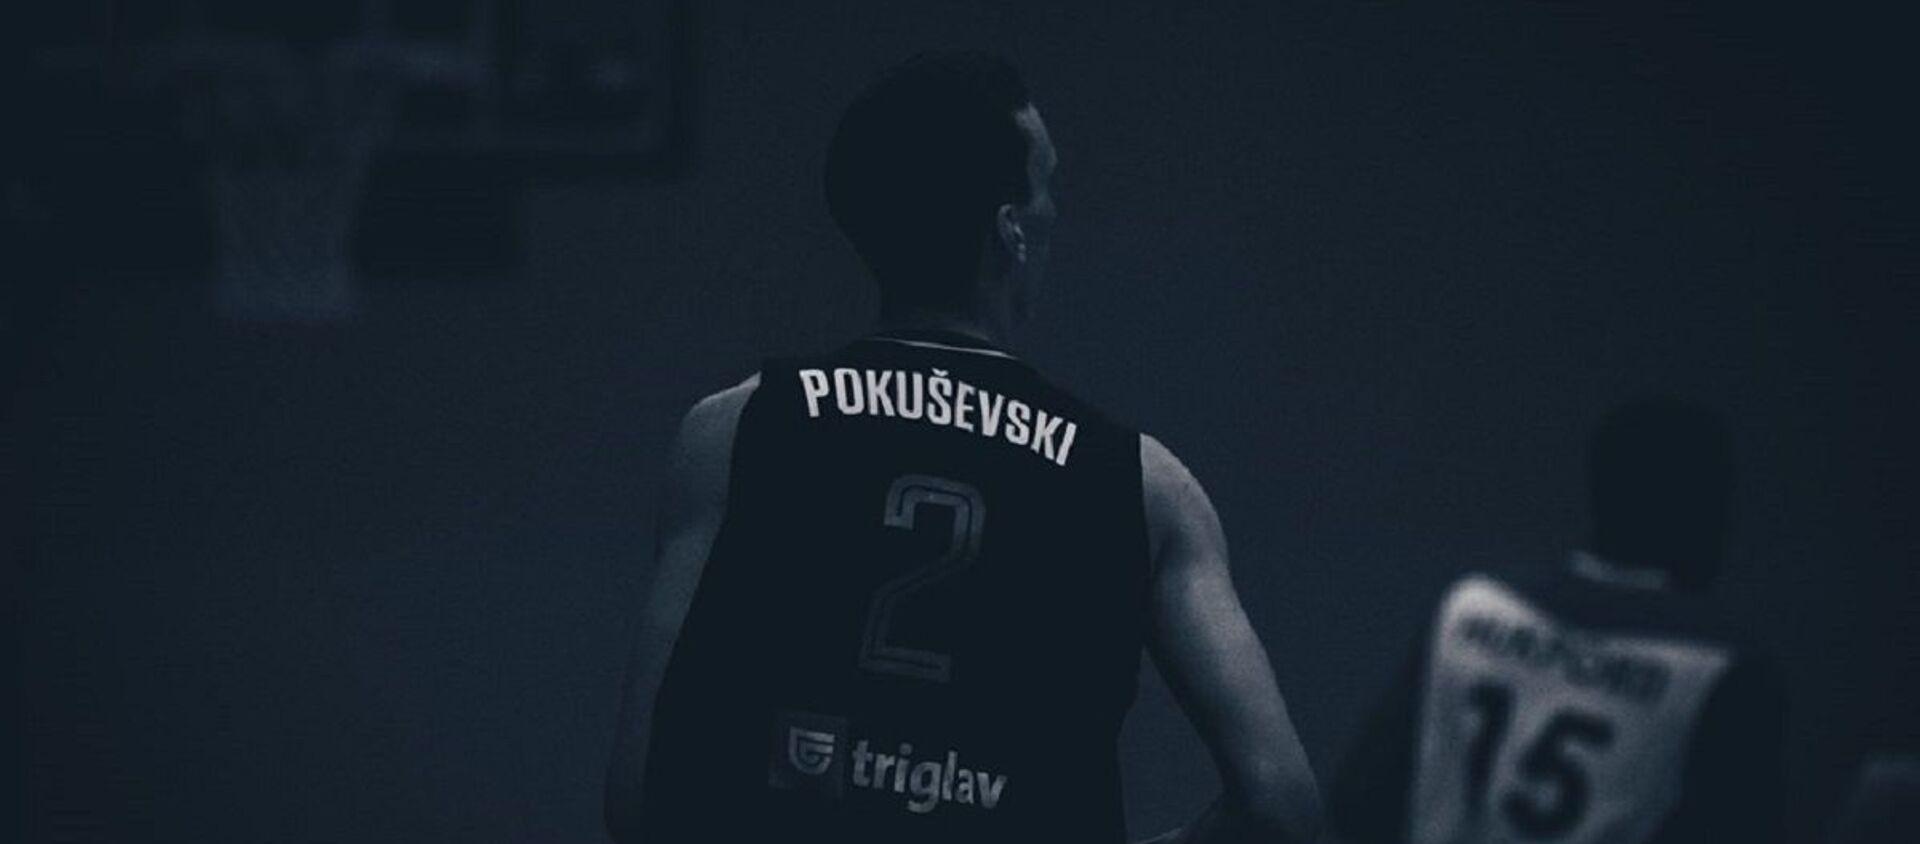 Aleksej Pokuševski - Sputnik Srbija, 1920, 02.03.2021